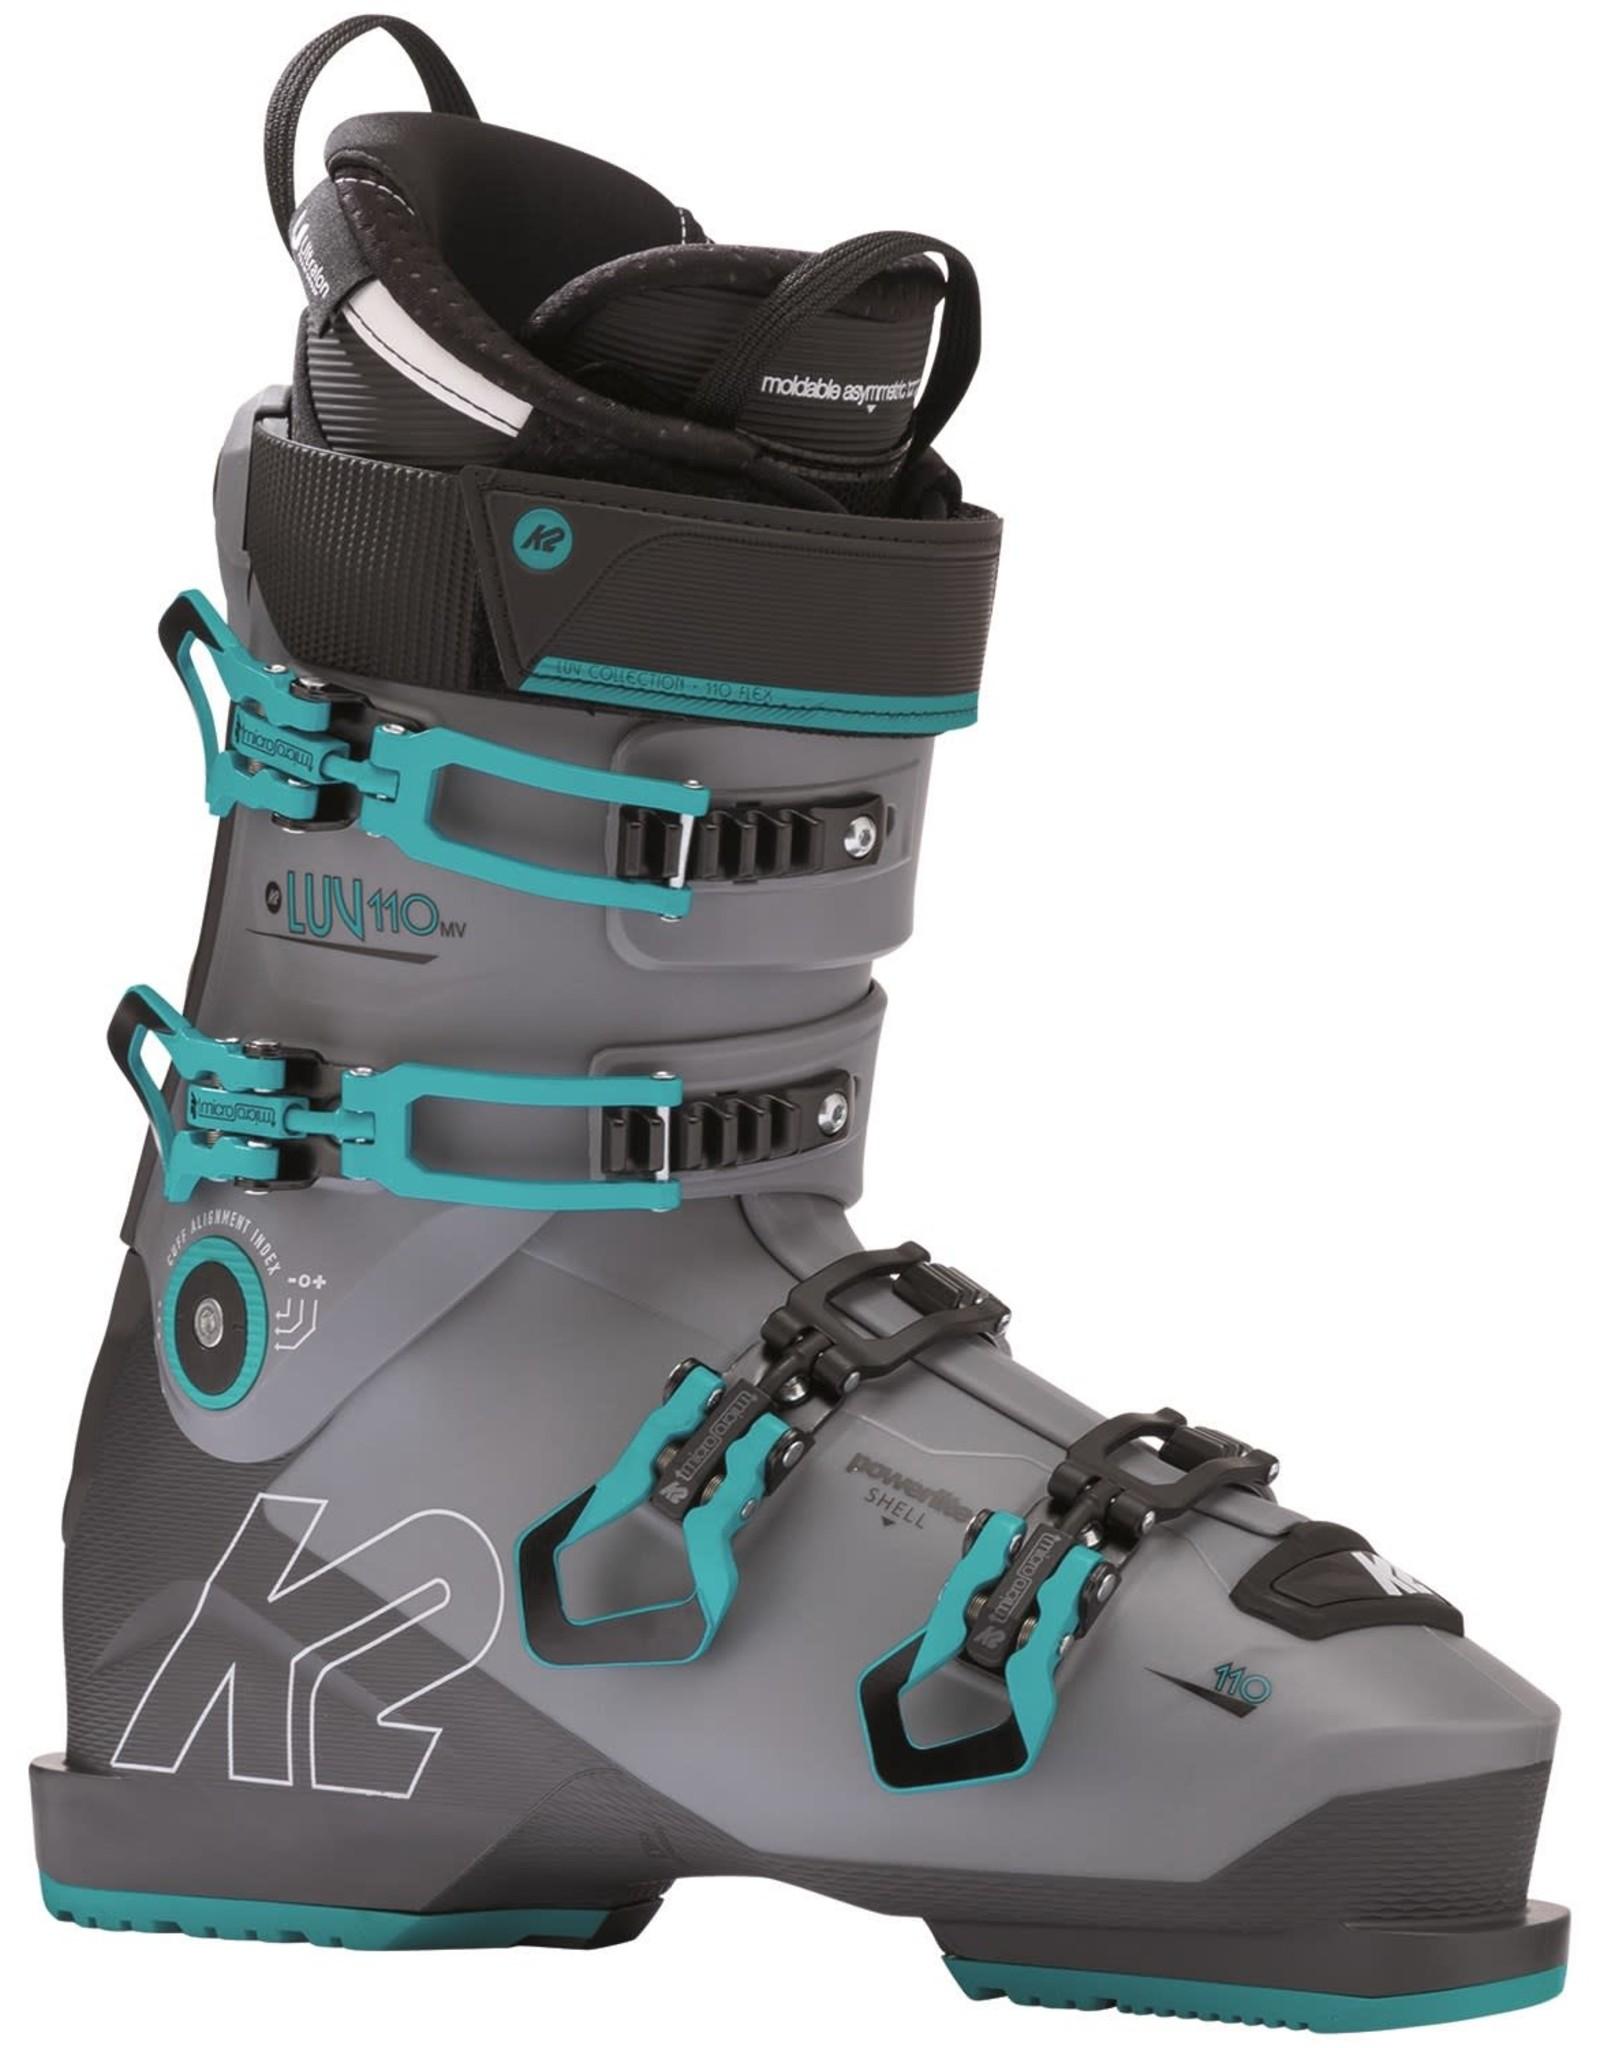 K2 K2 Ski Boots LUV 110 MV (18/19)